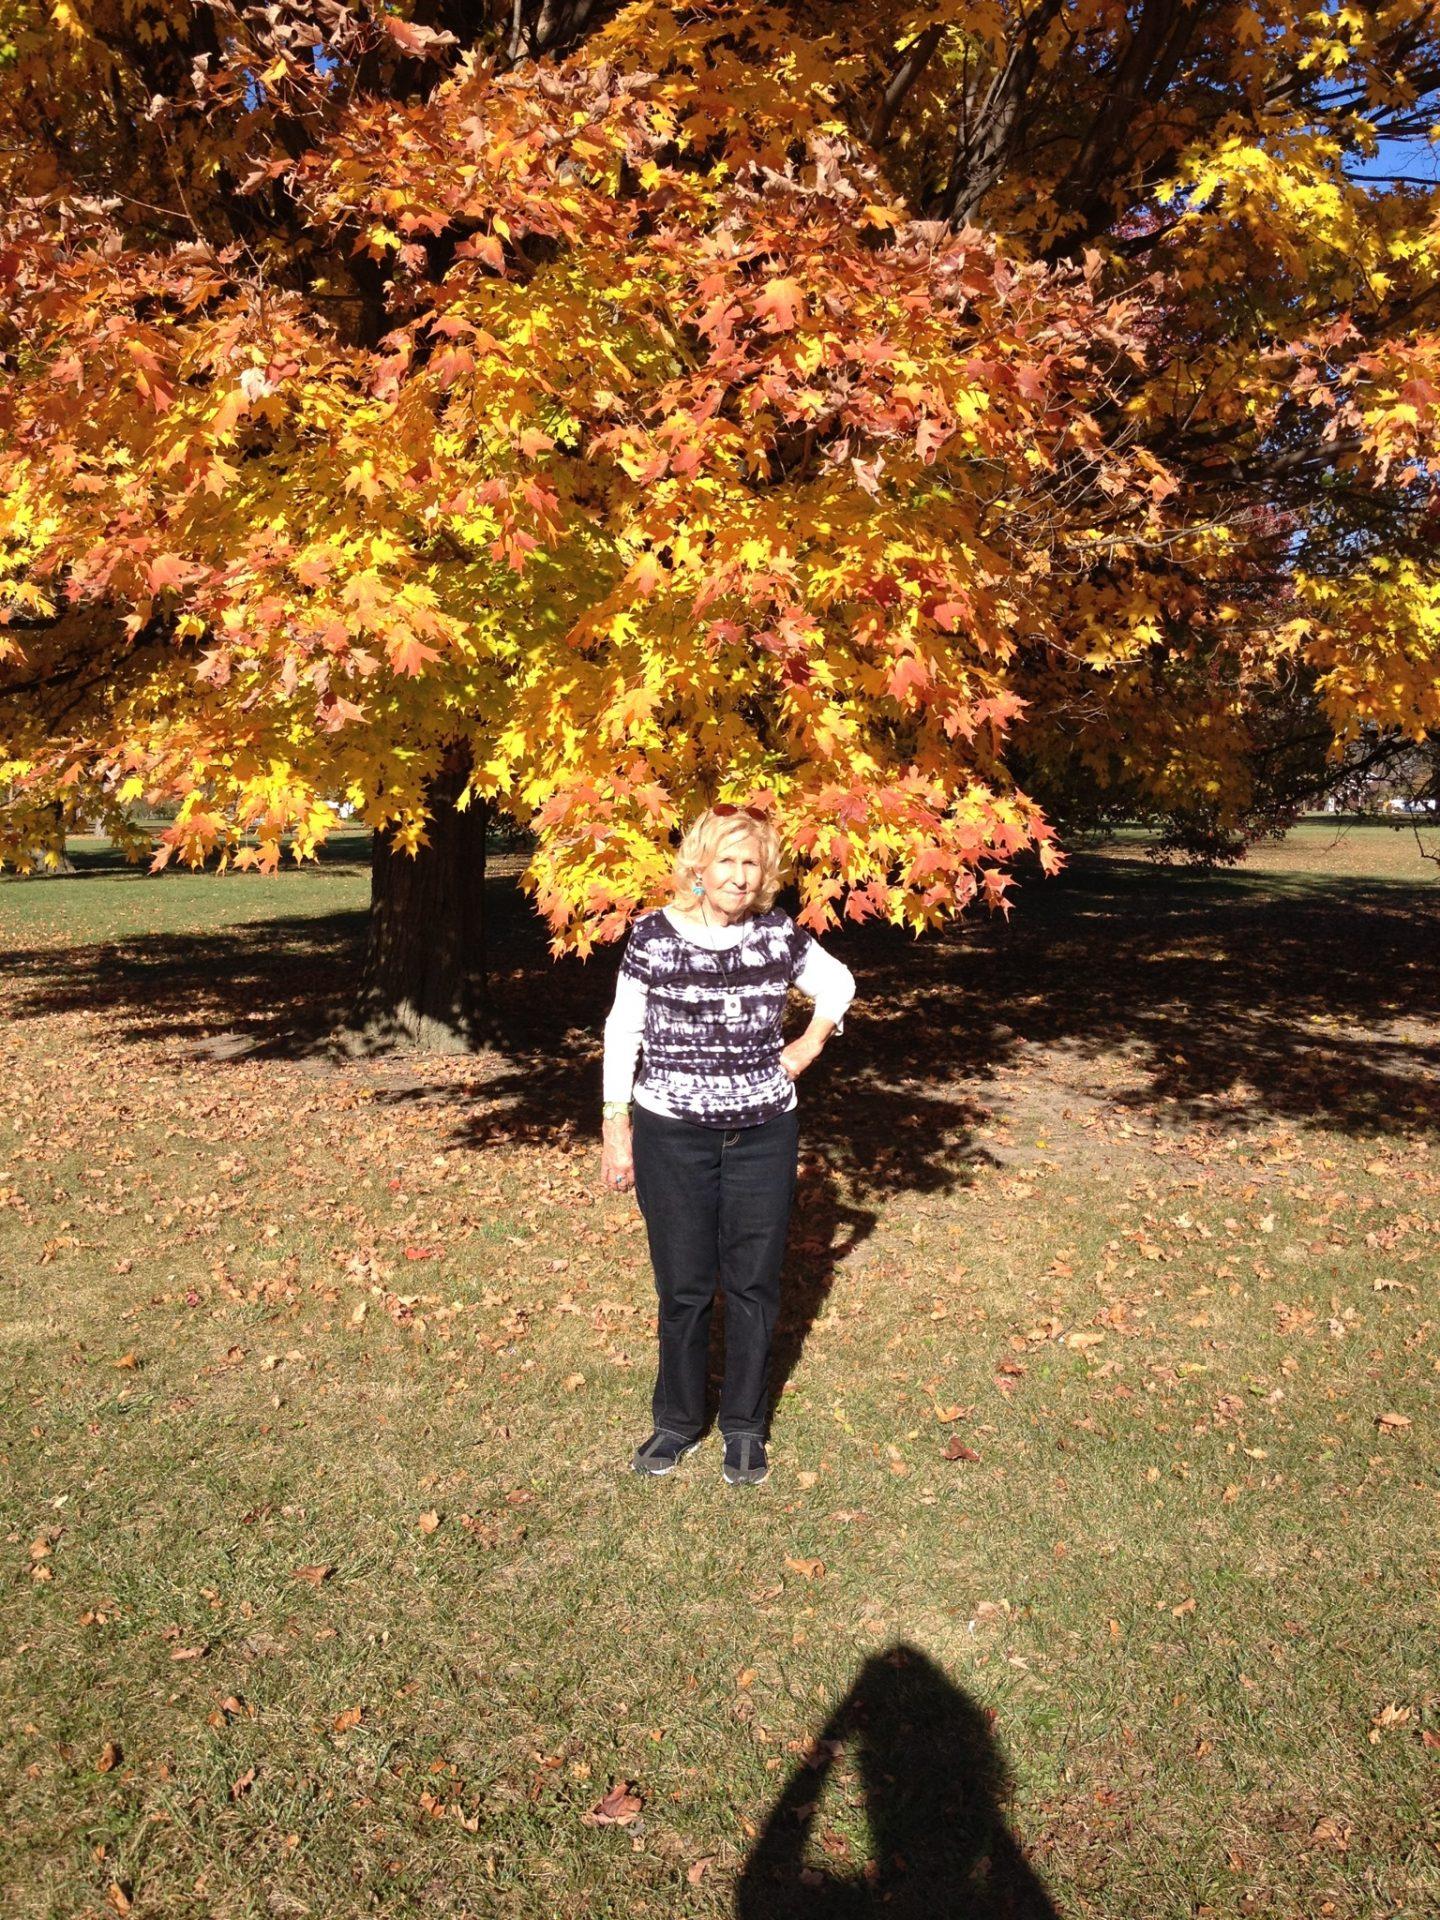 Mom enjoying some Fall foliage.